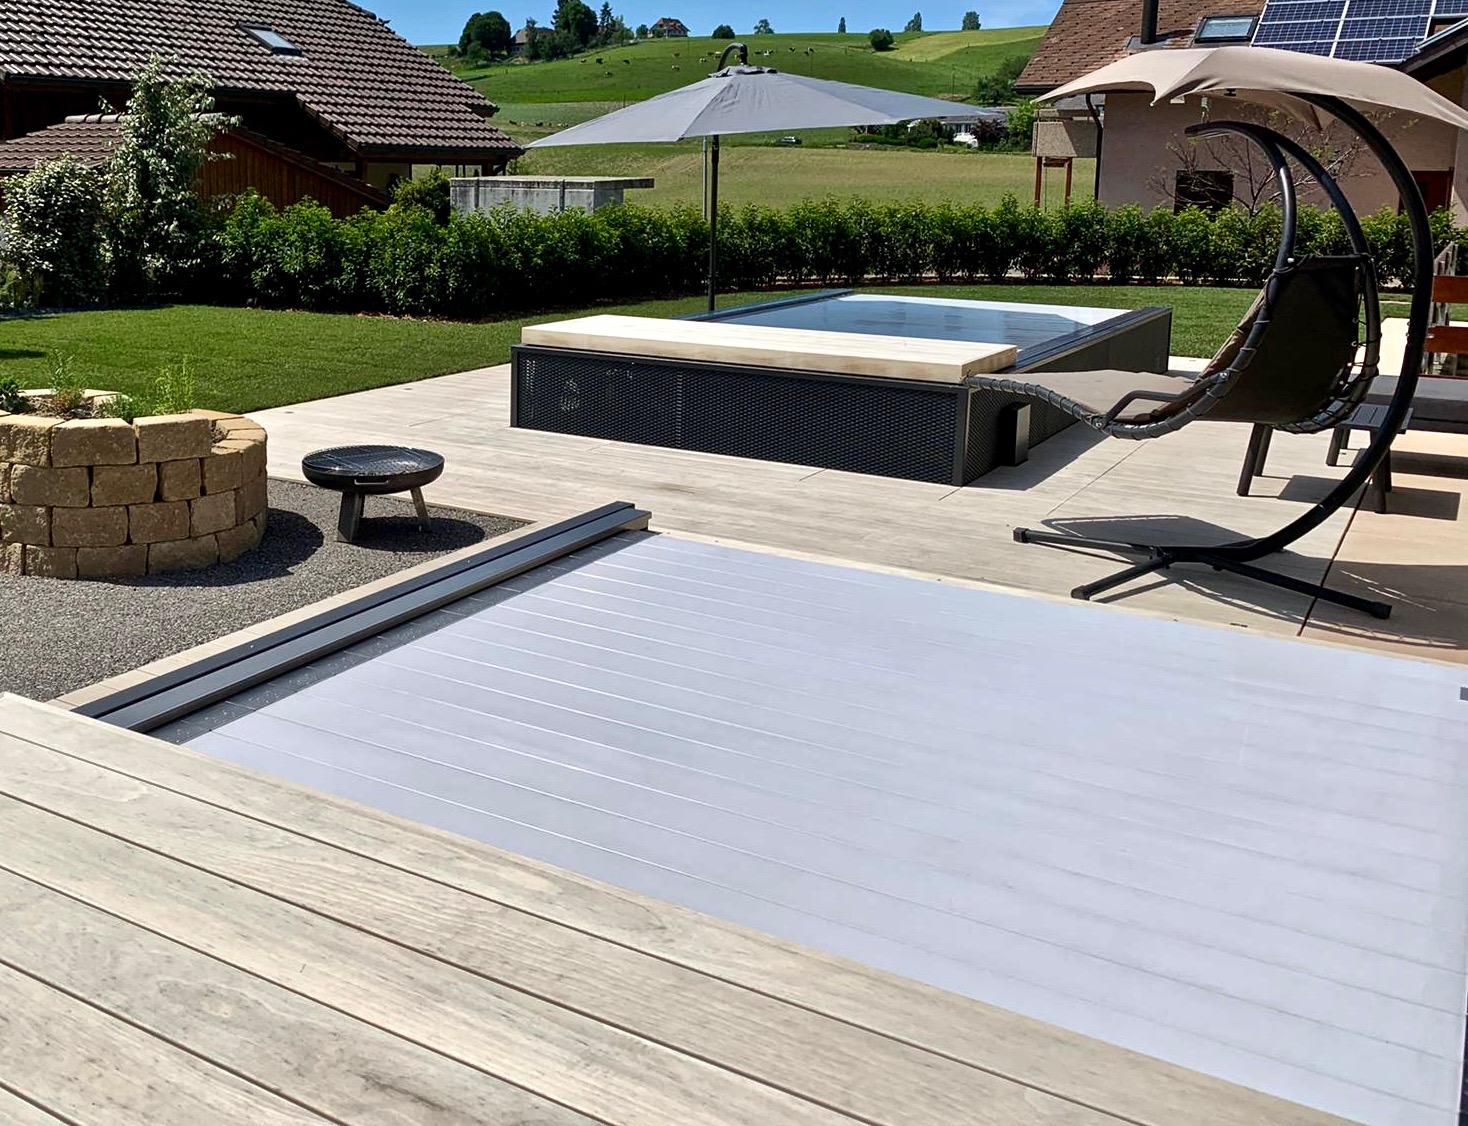 automatische Rolladenabdeckung RH 2.0 zu teilversenktem Dimension one Whirlpool und Swim Spa